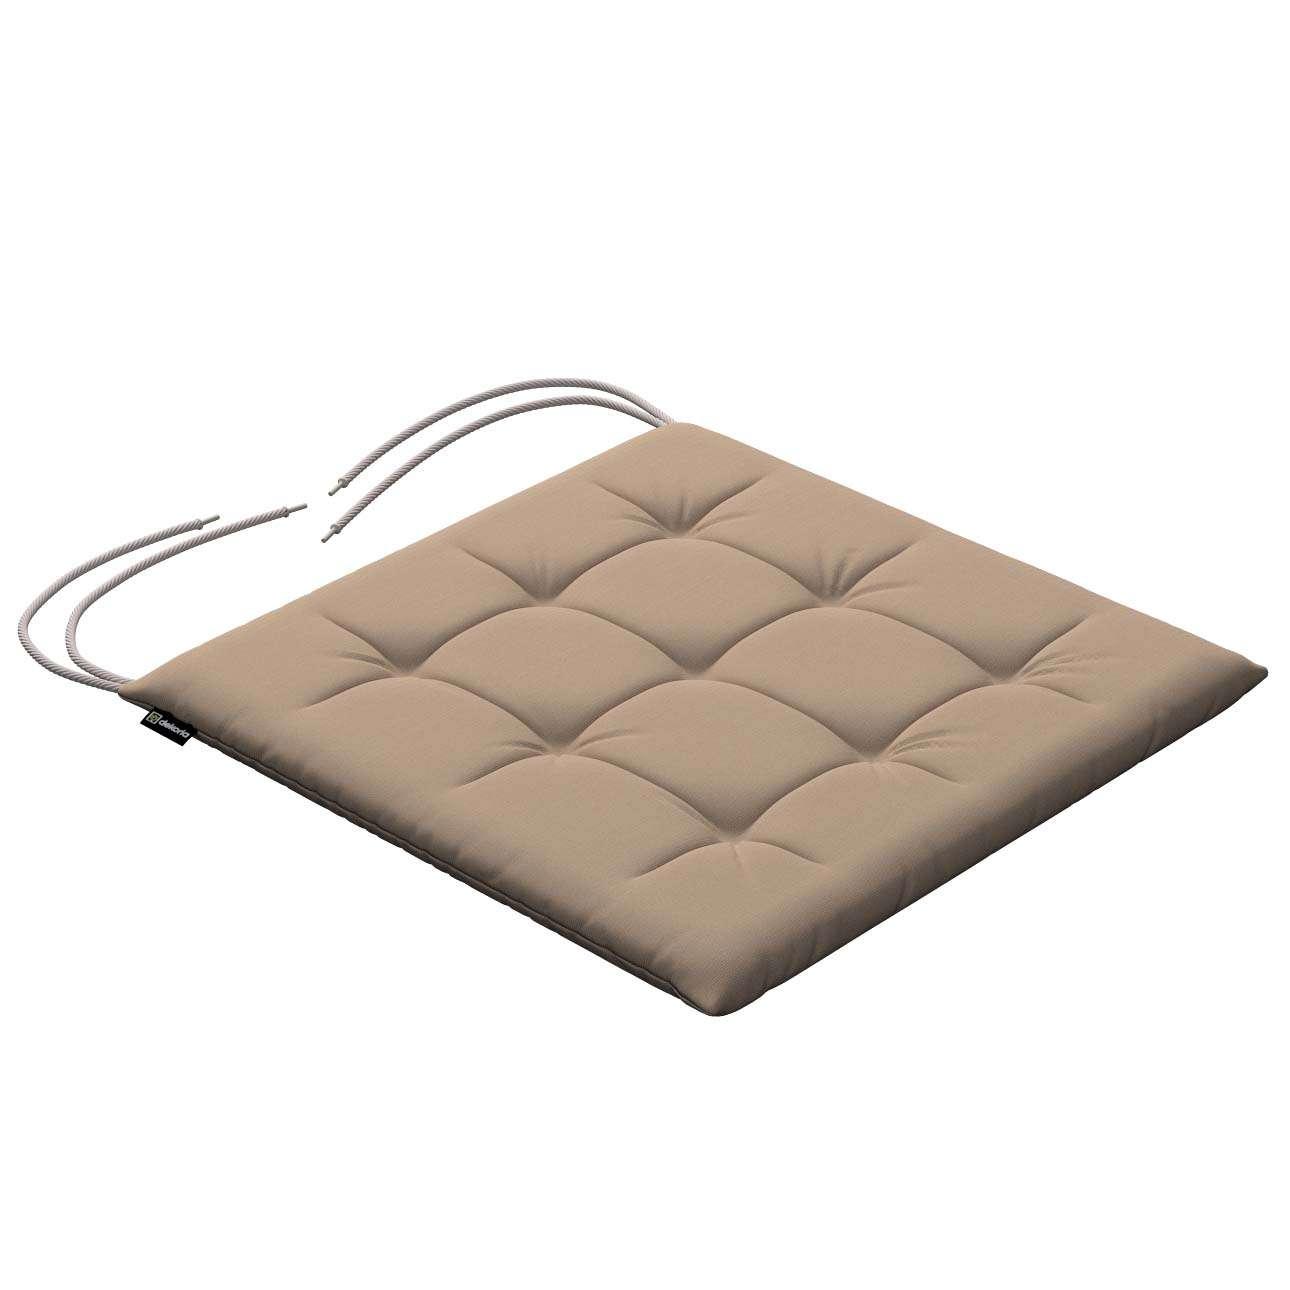 Siedzisko Karol na krzesło 40x40x3,5cm w kolekcji Cotton Panama, tkanina: 702-28